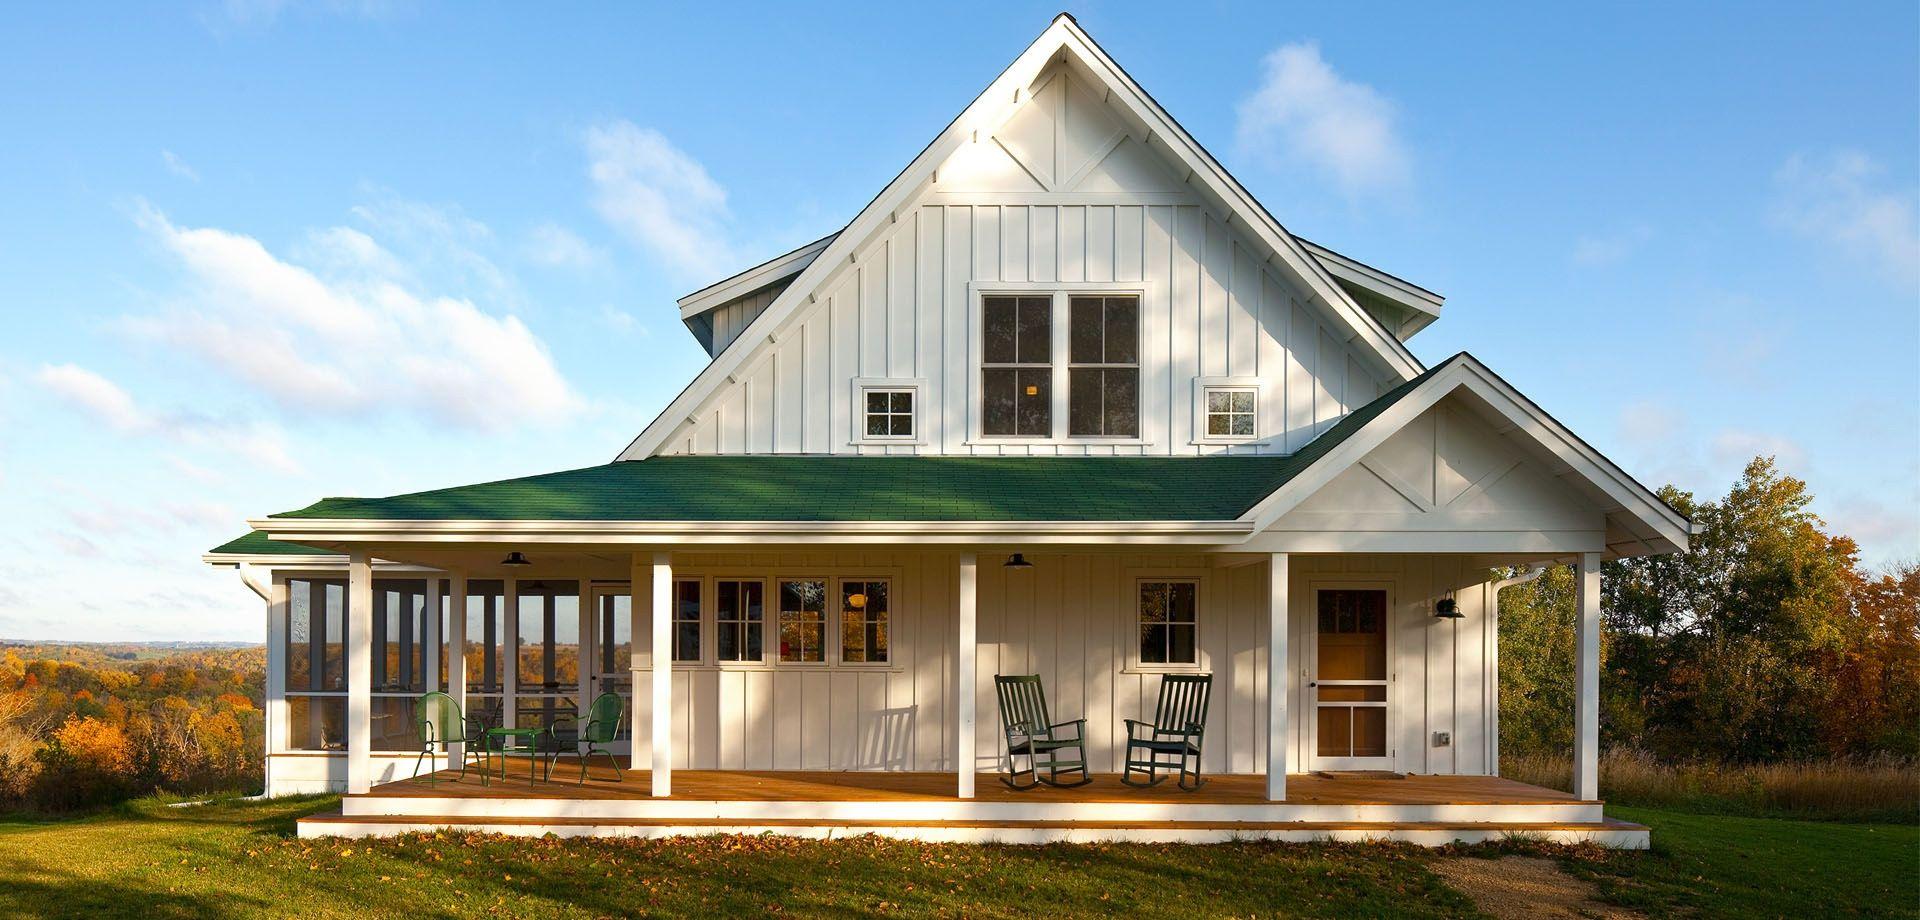 Holly ridge farmhousewe like the roofline shed dormers board batten siding